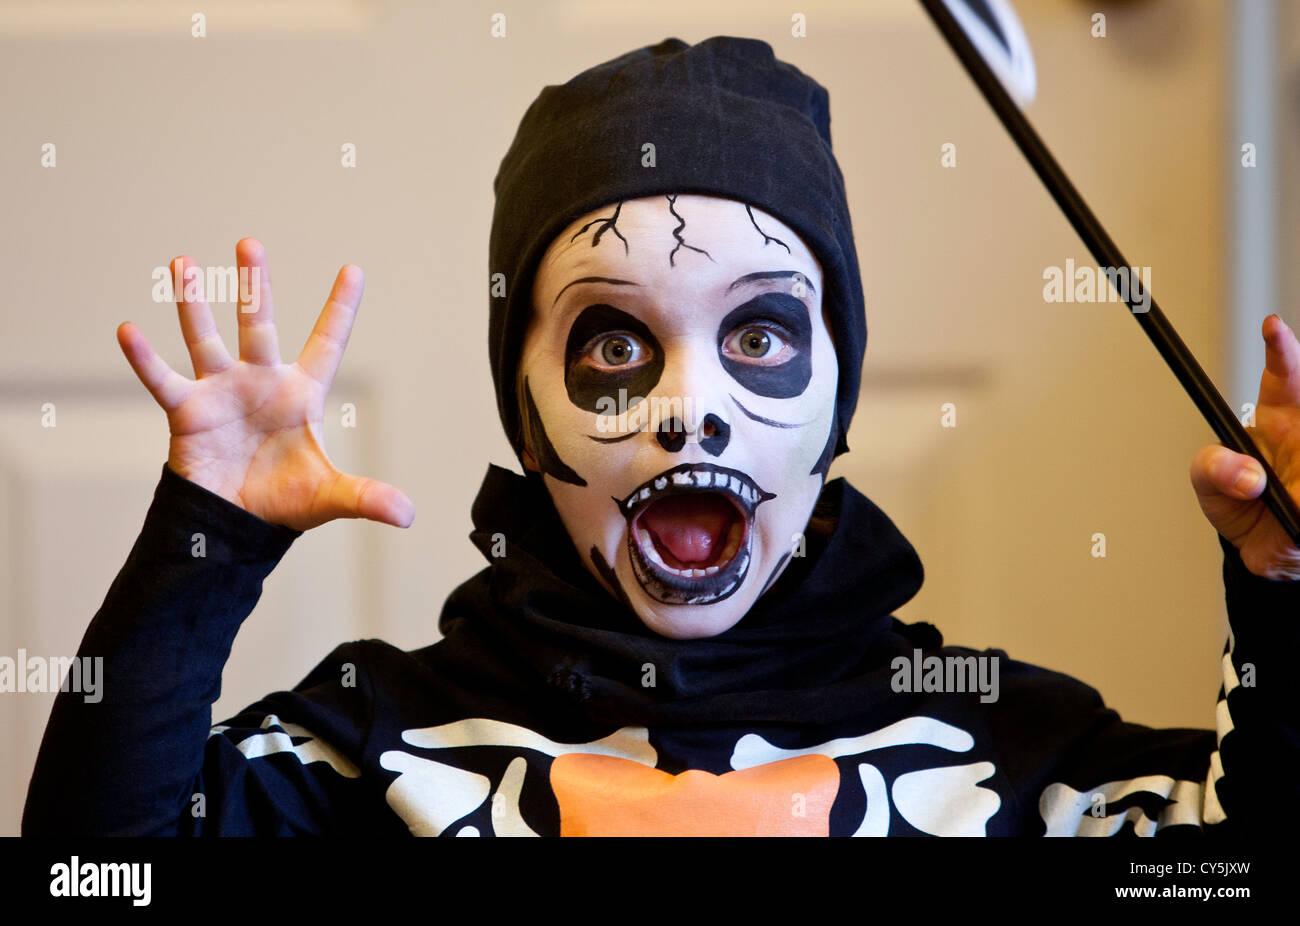 Halloween Gesicht, junges Kind mit Gesicht gemalt, furchtsames Gesicht Halloween, Kostüme für Kinder, Stockbild